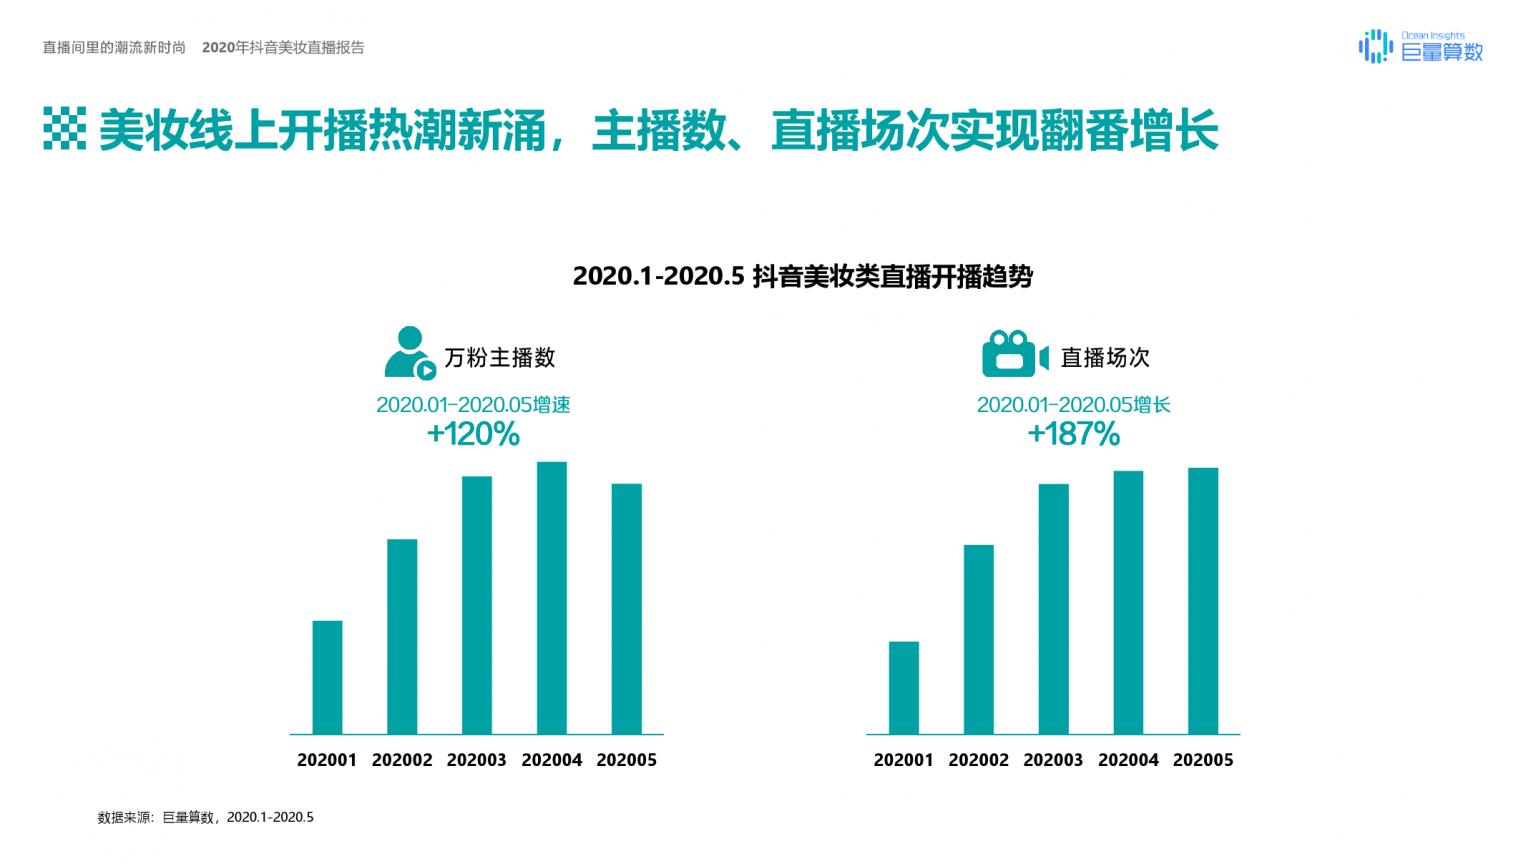 大数据研究报告,巨量算数 《2020年抖音美妆直播报告》!